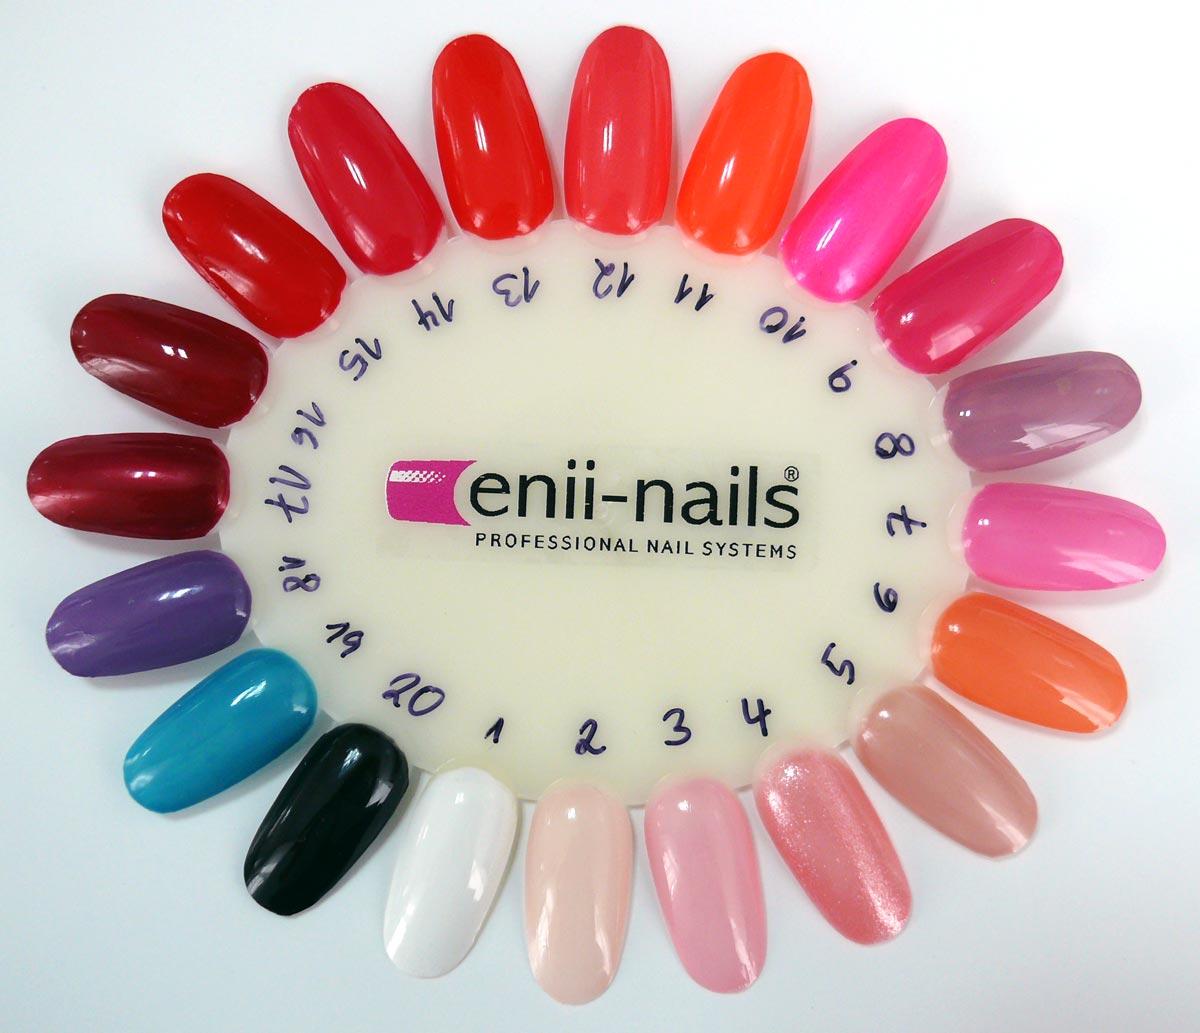 Vzorník laků na nehty ENII WEEK POLISH obsahuje 20 barev. Přírodní laky na nehty ENII WEEK POLISH jsou šetrné k našim nehtům i k přírodě Neobsahují formaldehydovou pryskyřici, formaldehyd, toluen, dibutylftalát ani kafr.